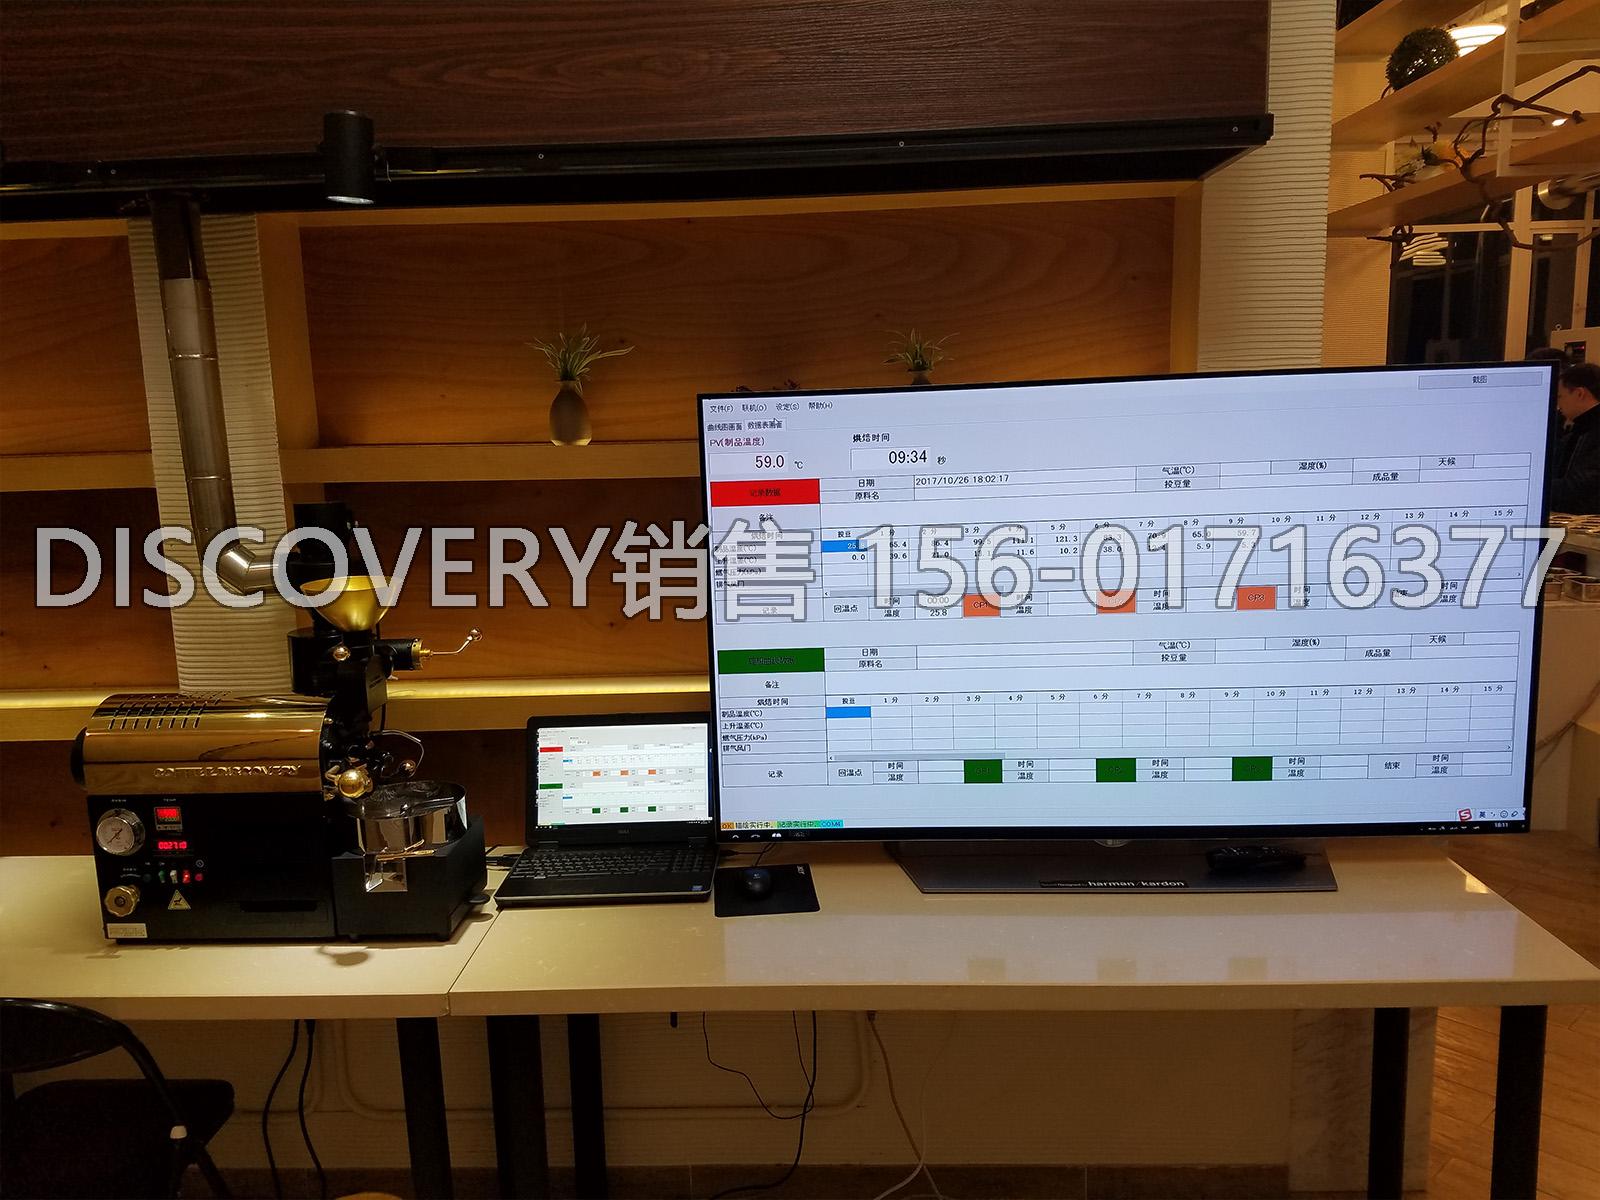 富士皇家DISCOVERY咖啡烘焙机电脑板首次正式进口到货的通知 (2017年10月30日)